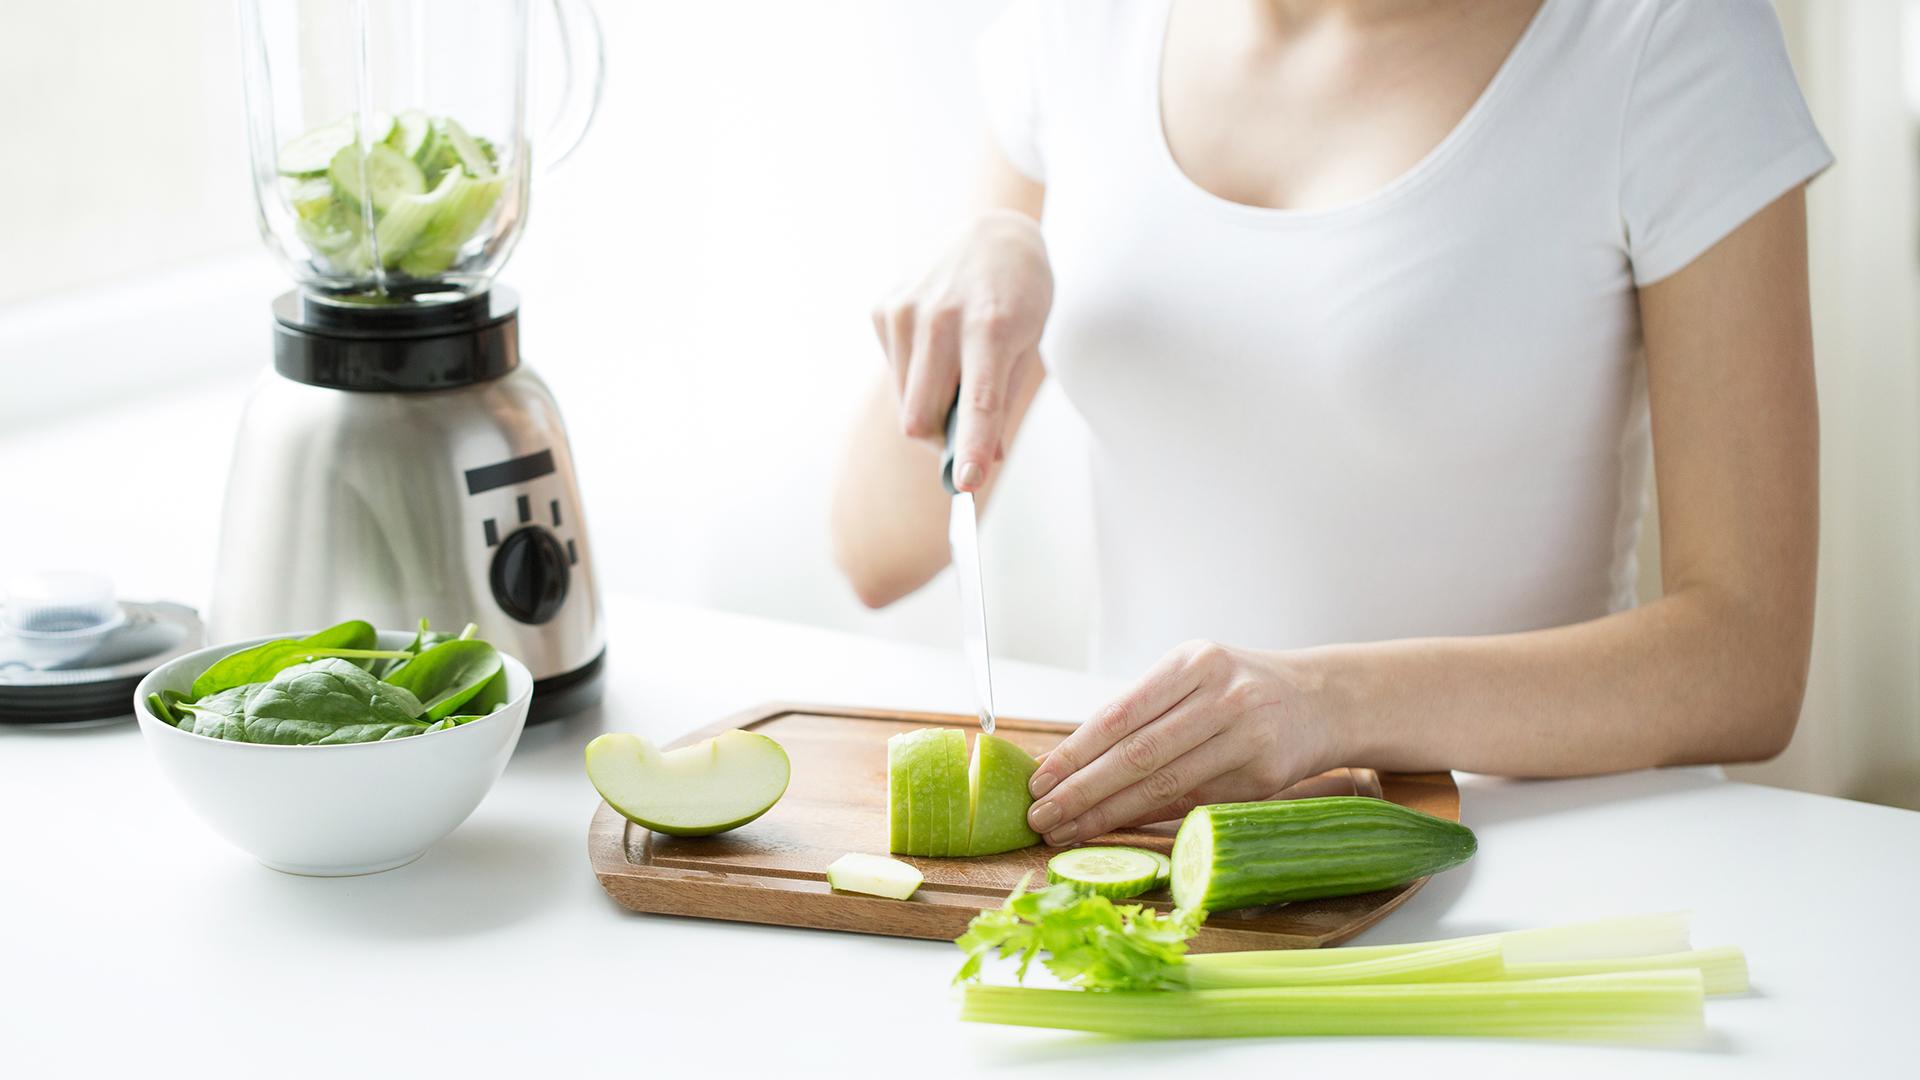 plan de comida de apoyo de dieta de pocos